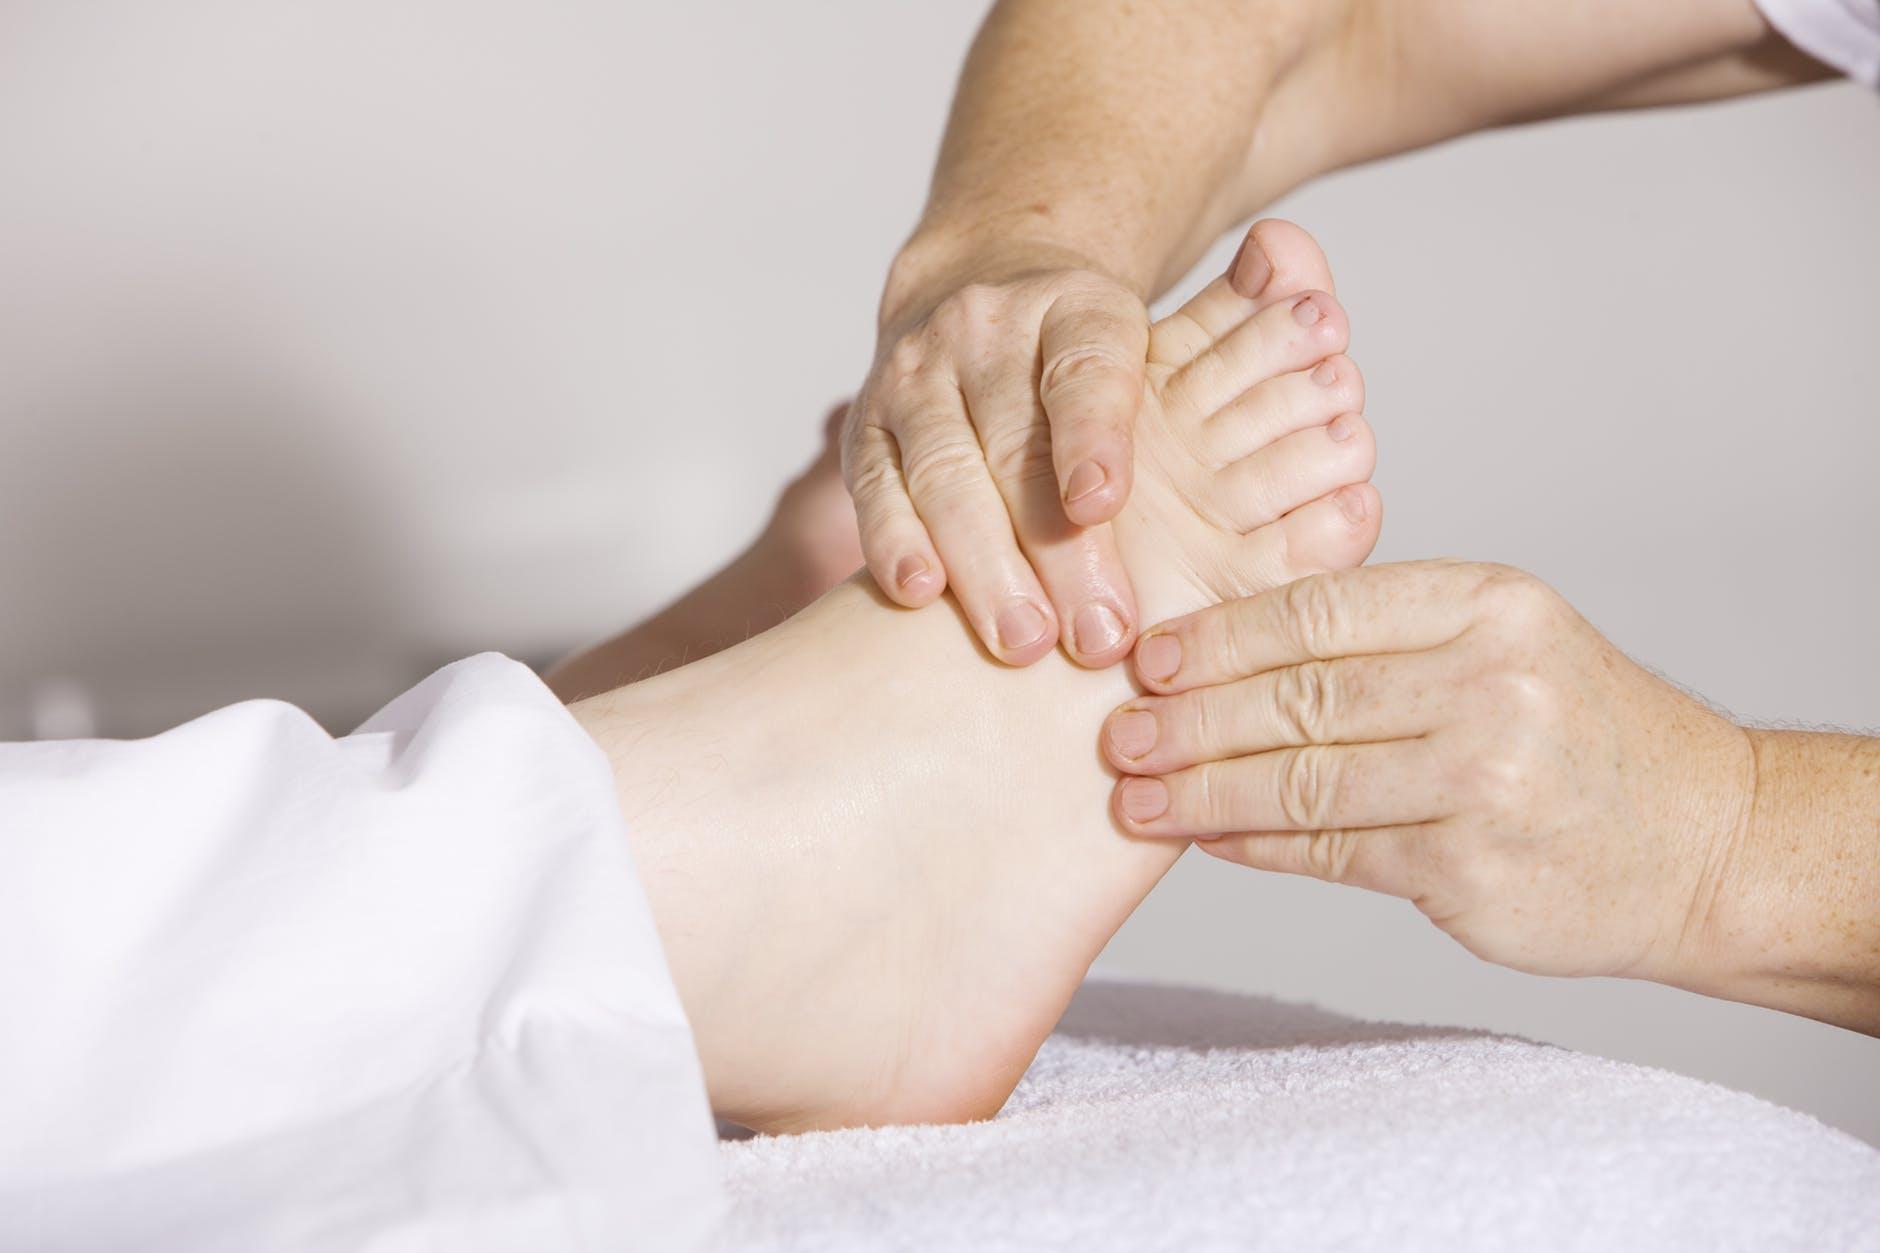 adult alternative medicine care comfort